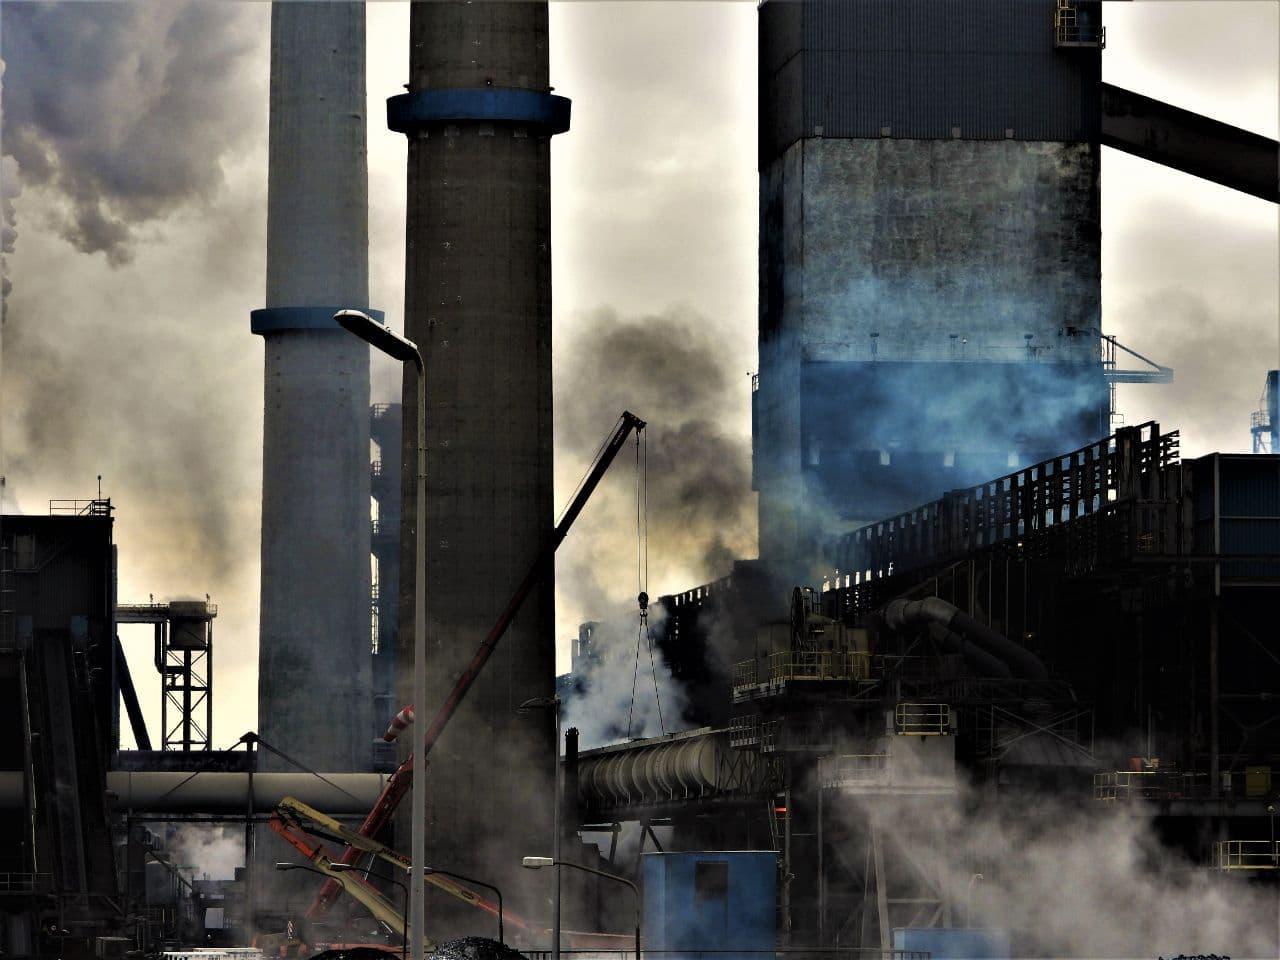 FNV, milieubeweging en overheid: iedereen wil dat Tata Steel schoner wordt, maar hoe, daar lopen de meningen over uiteen